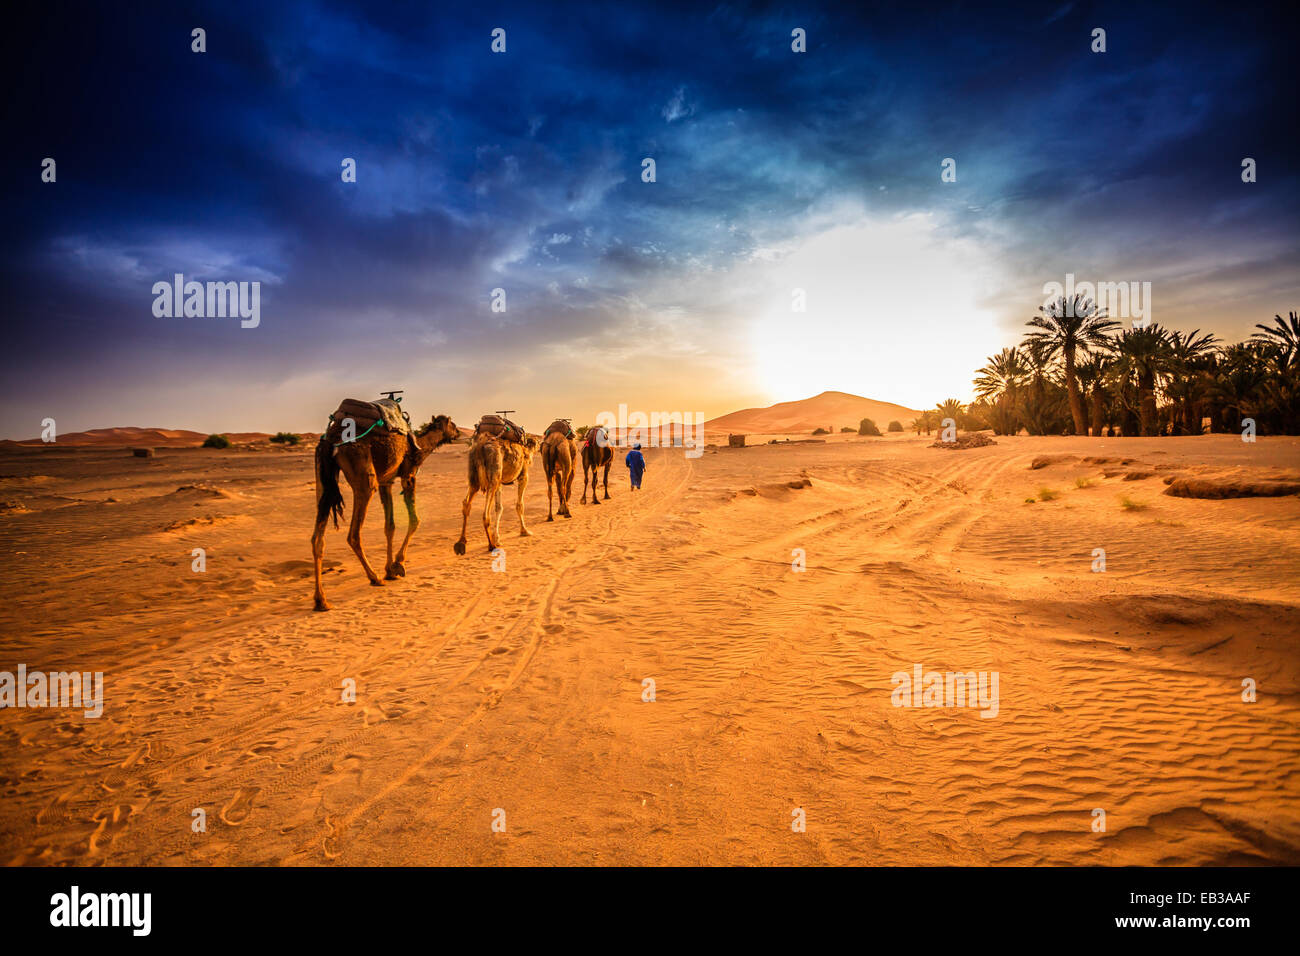 Kamel-Karawane in der Wüste Sahara, Marokko Stockbild